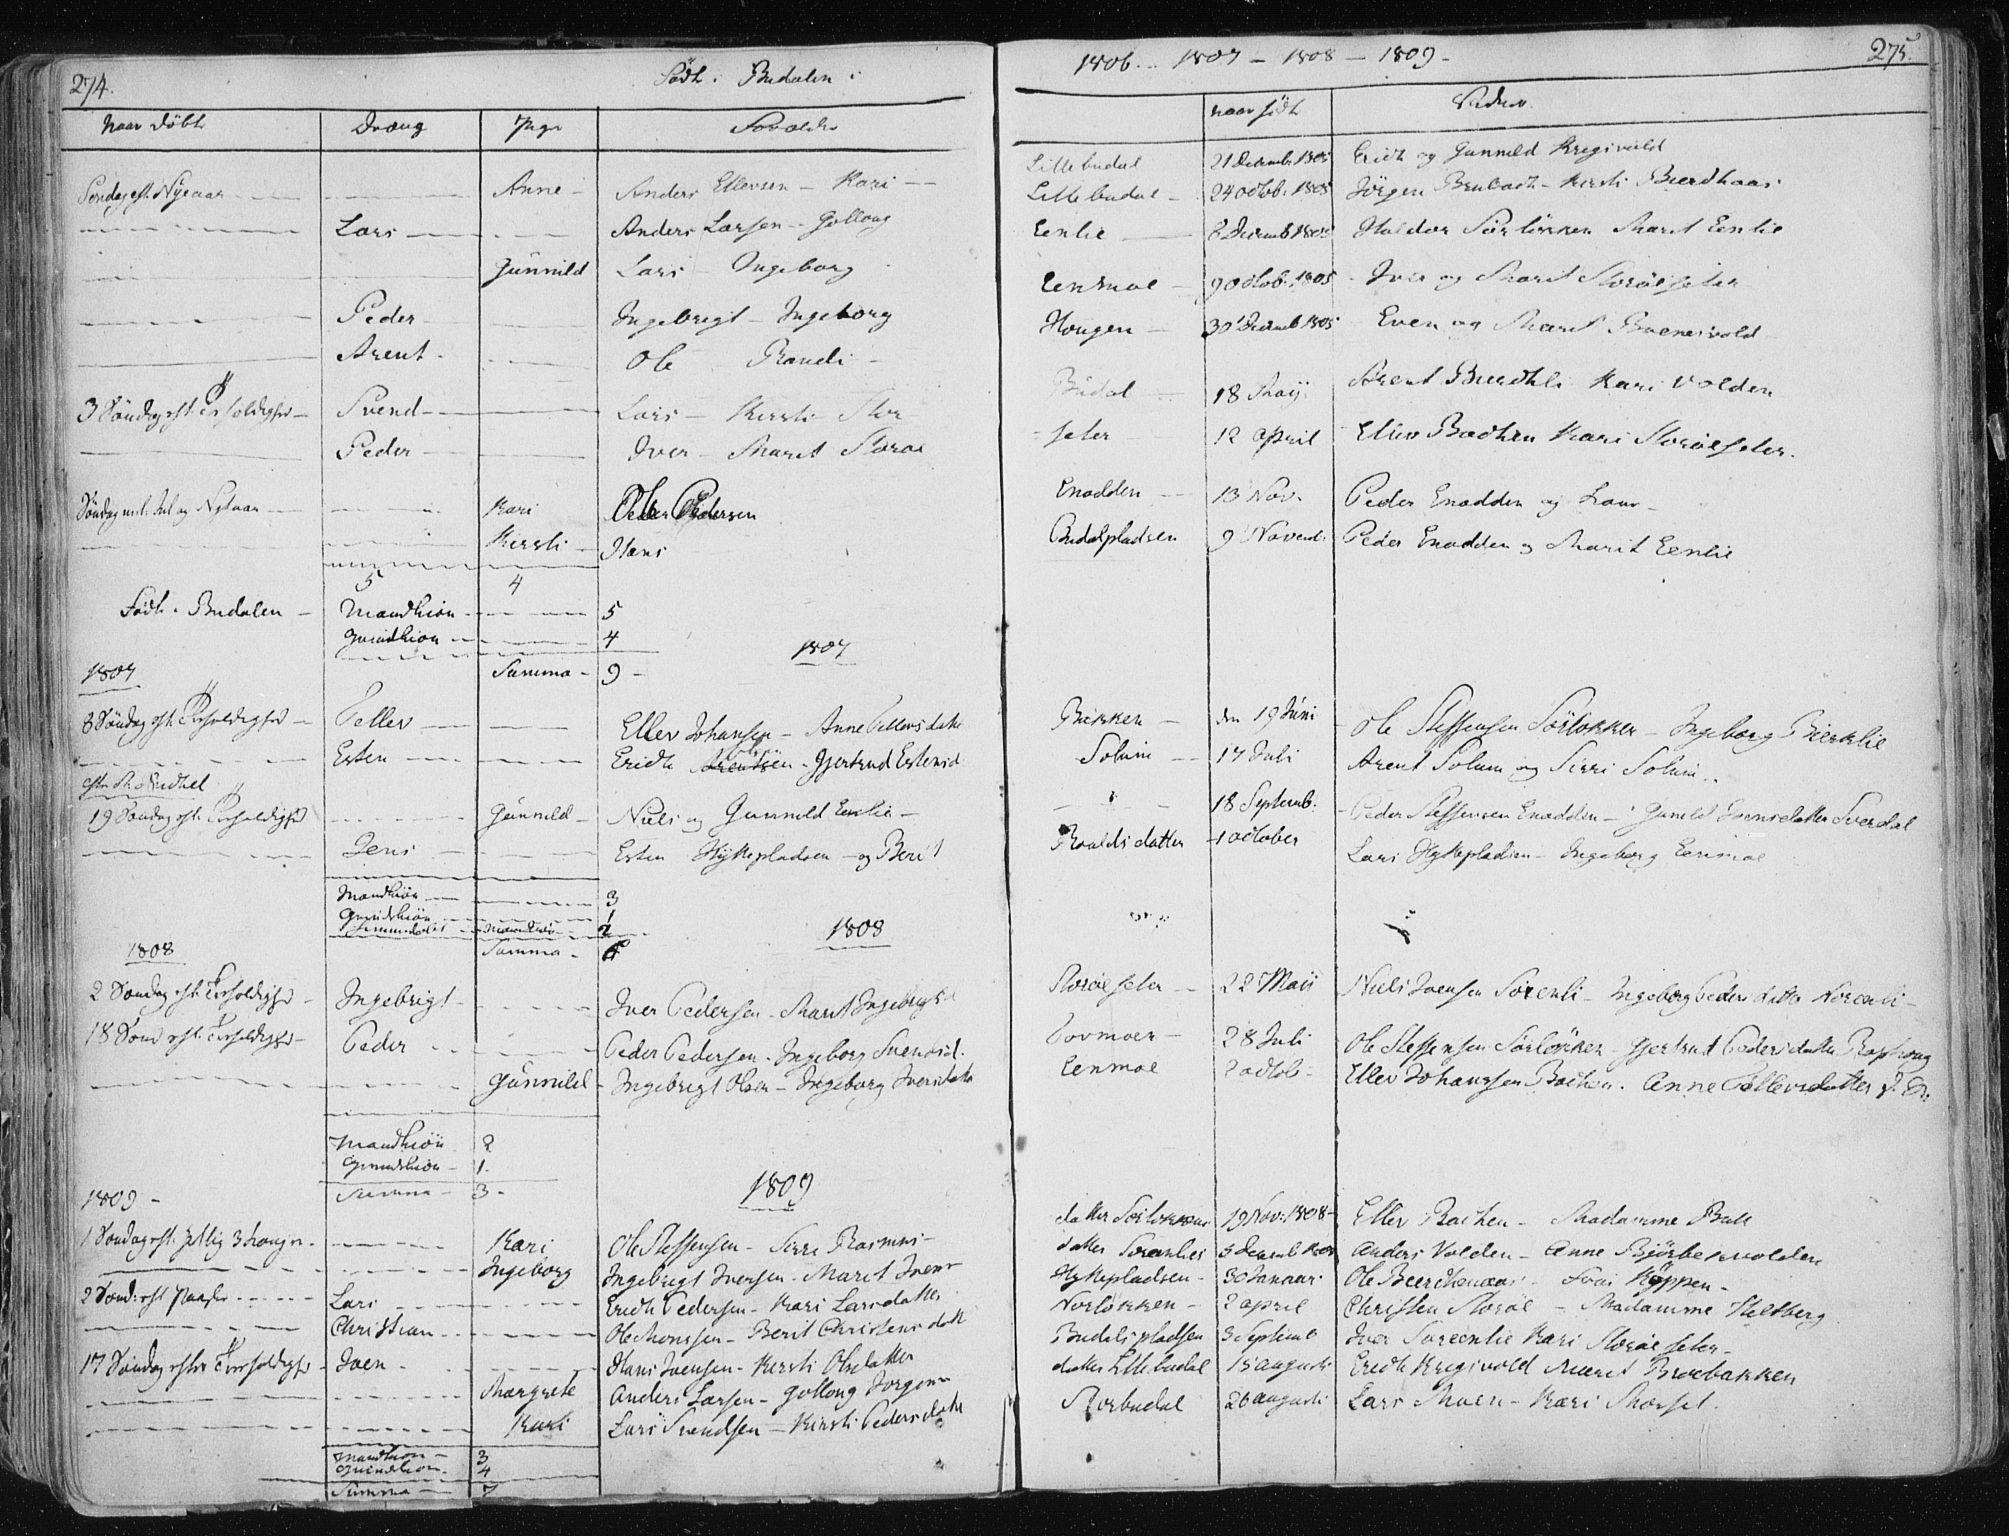 SAT, Ministerialprotokoller, klokkerbøker og fødselsregistre - Sør-Trøndelag, 687/L0992: Ministerialbok nr. 687A03 /1, 1788-1815, s. 274-275